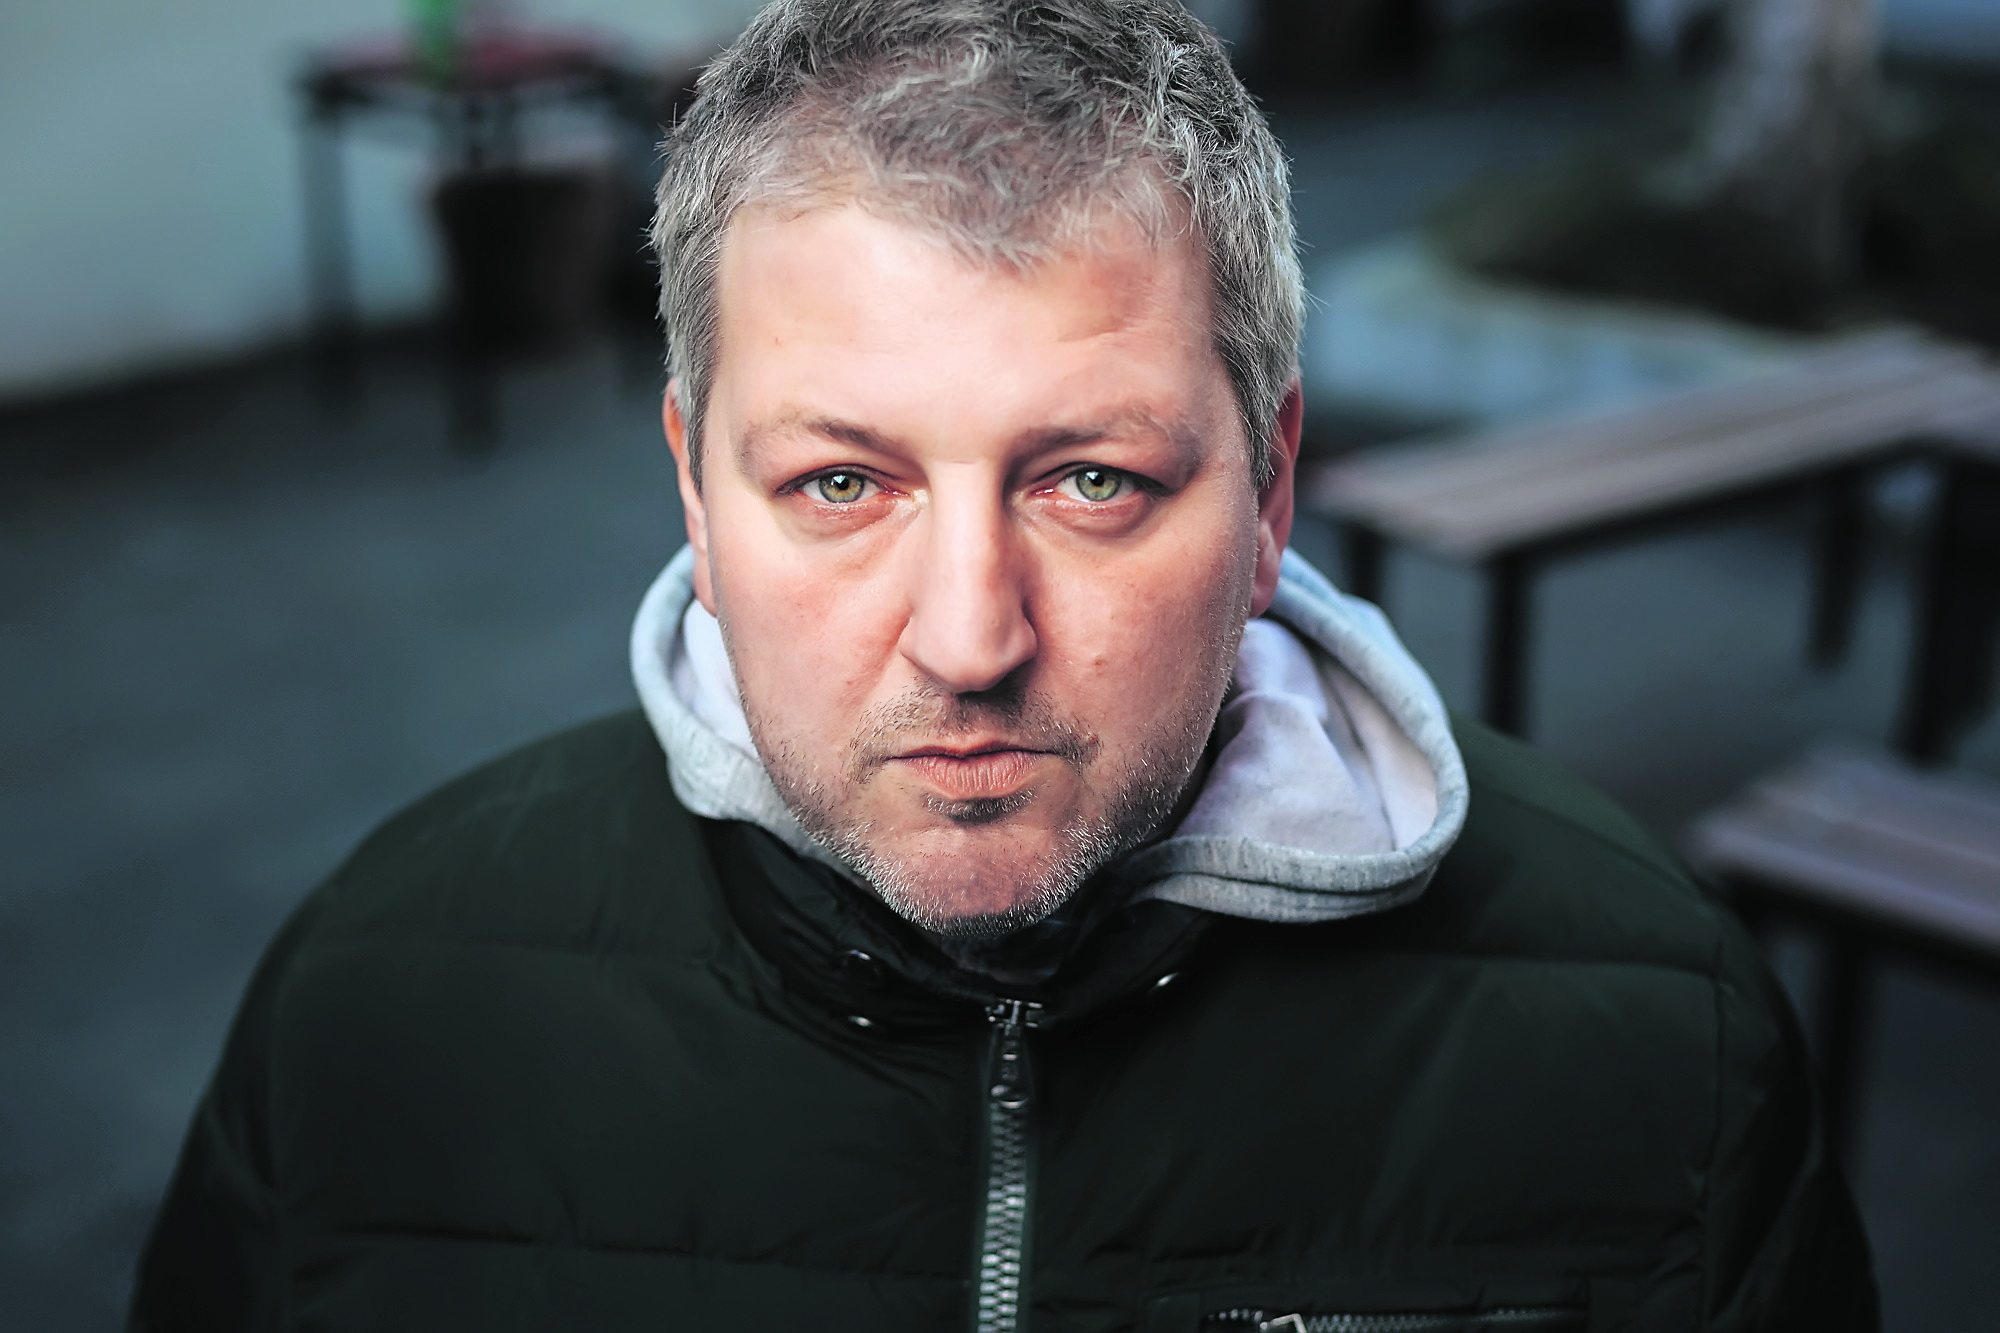 Ivan Tokin